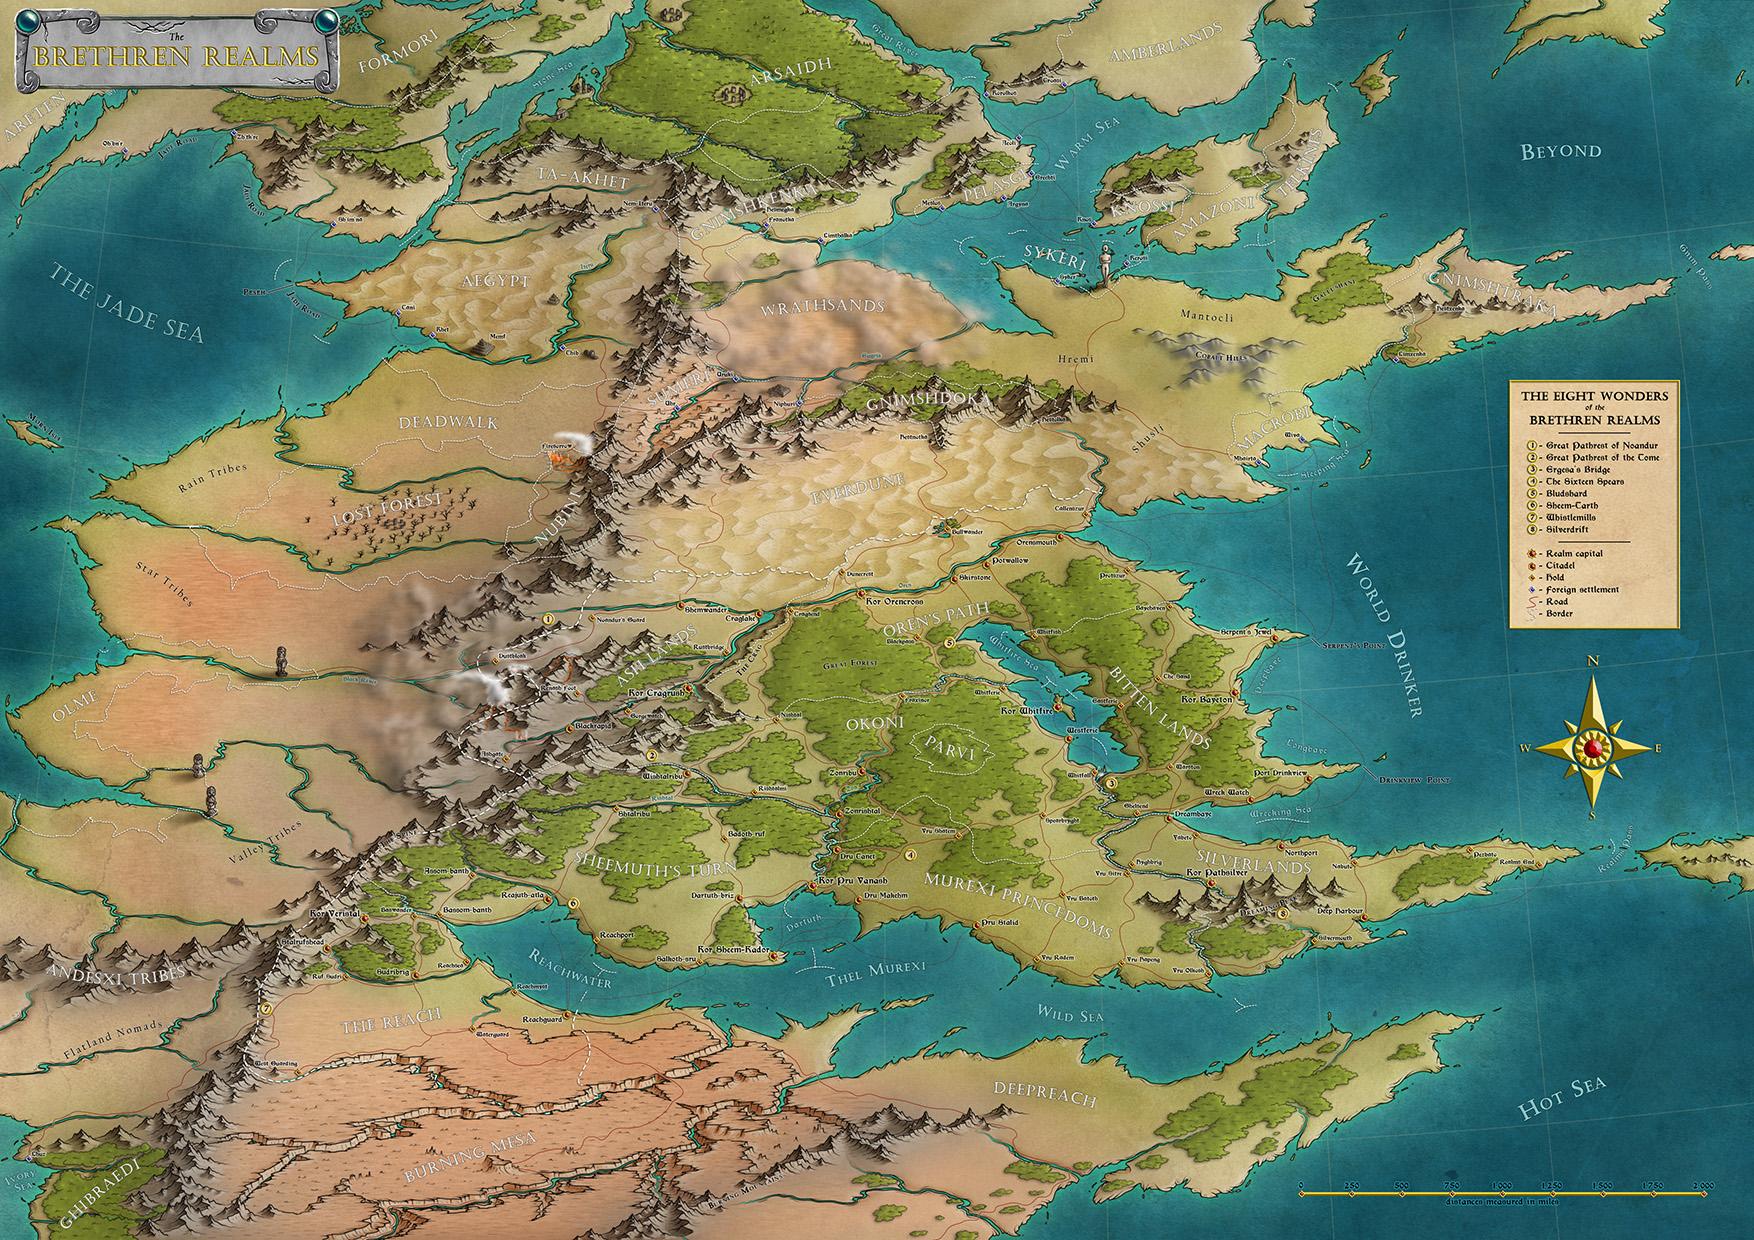 Mor Nadar - Lord of the Horde